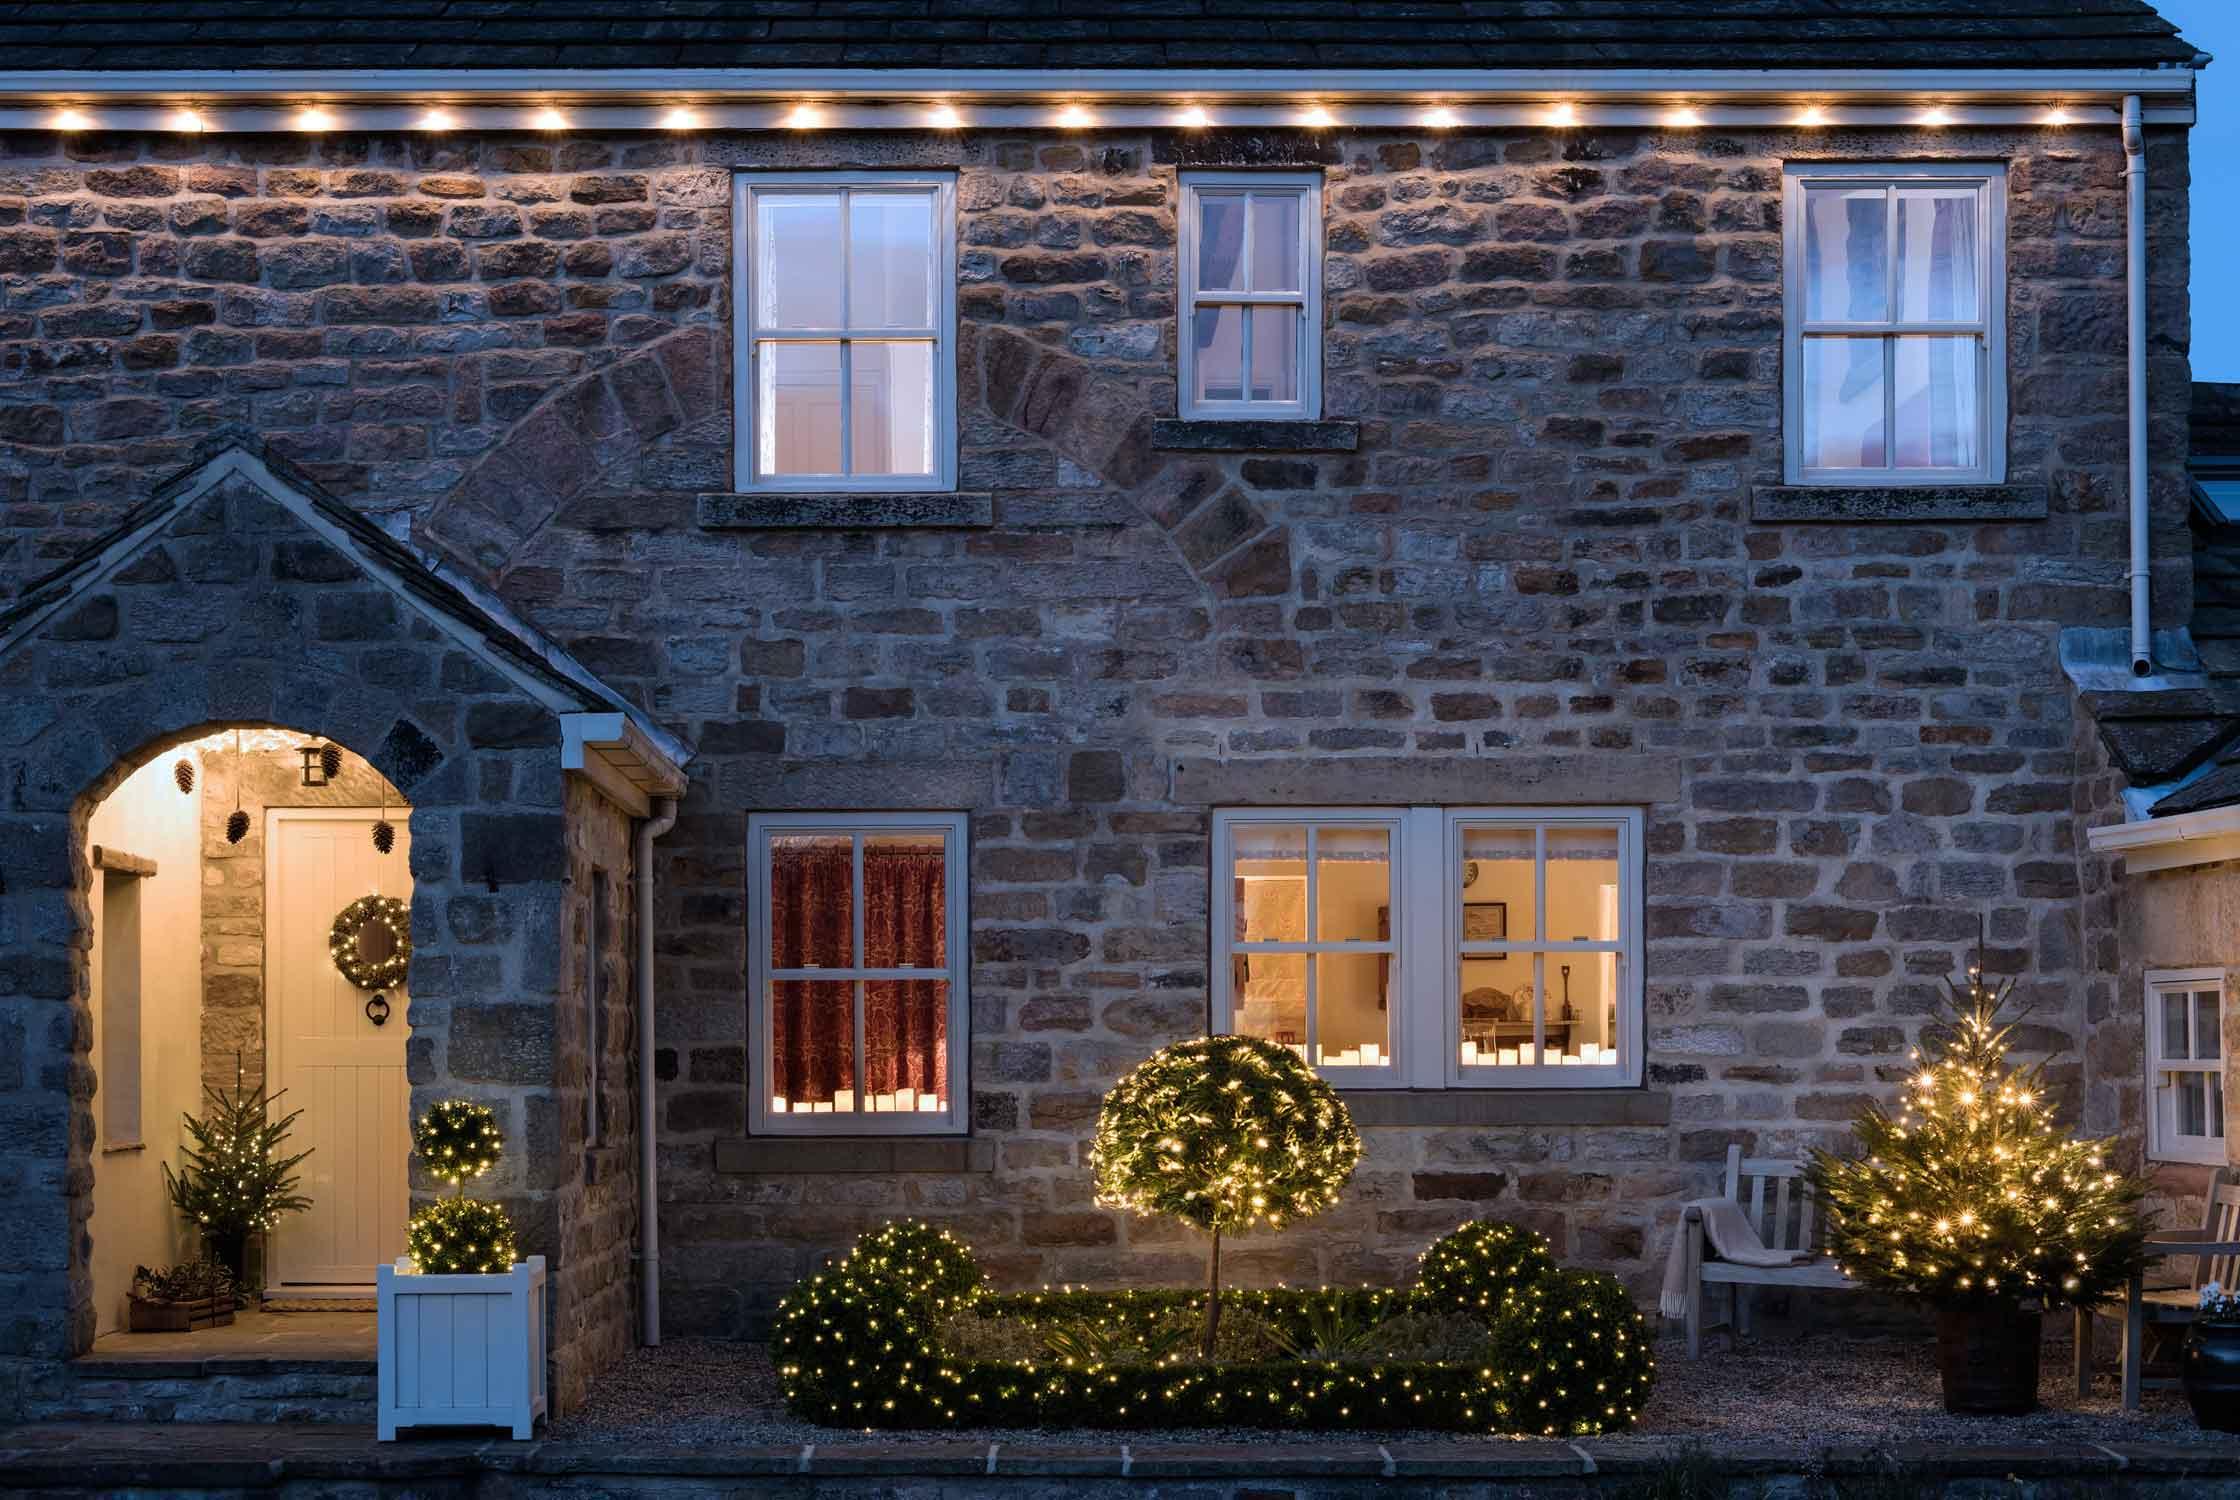 Ideen Weihnachtsbeleuchtung Außen.Ideen Zur Haus Weihnachtsbeleuchtung Lights4fun De